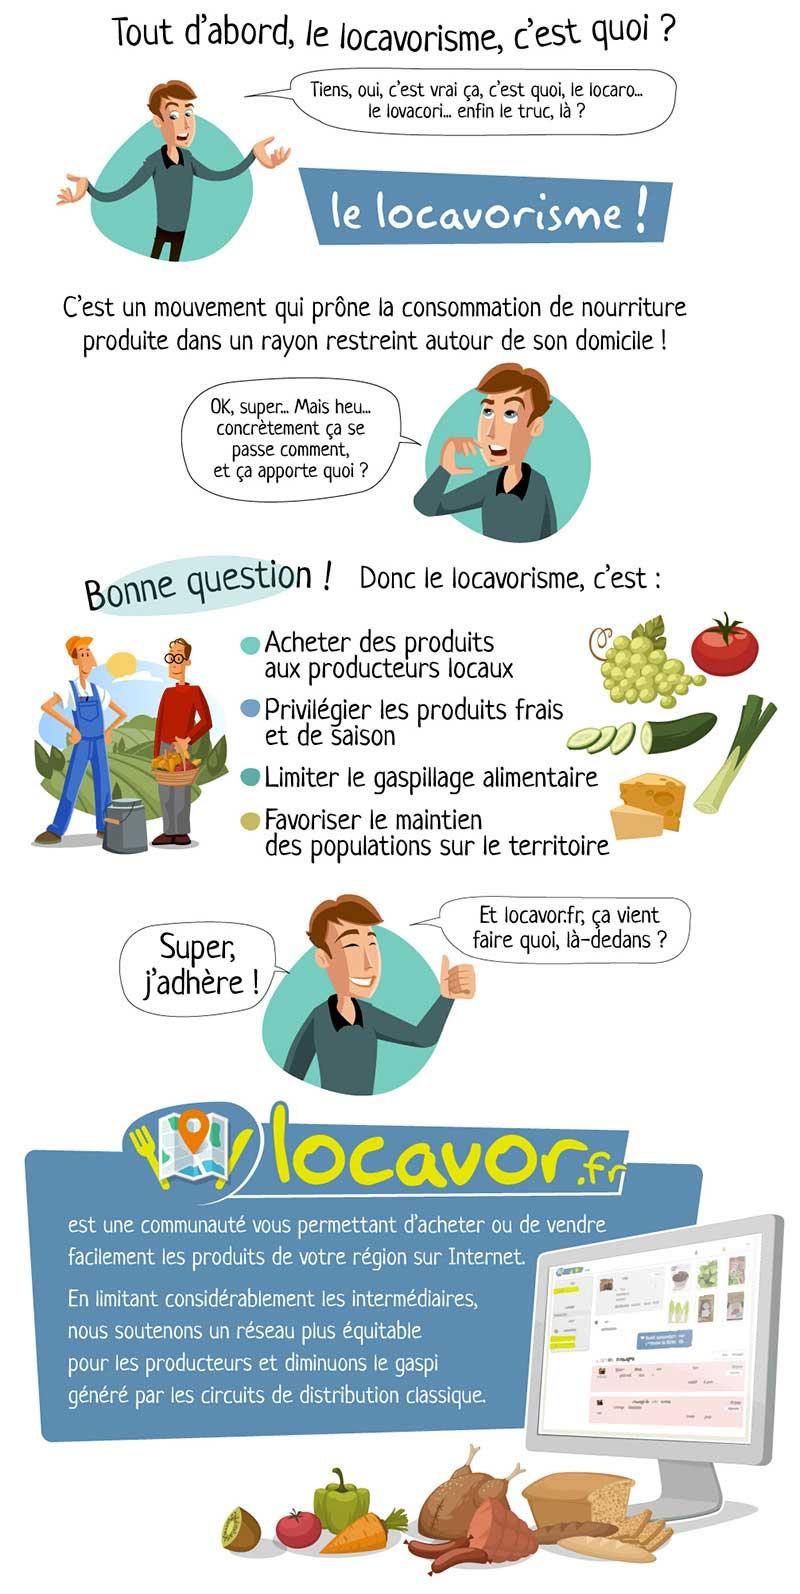 locavor.fr-etre-locavore